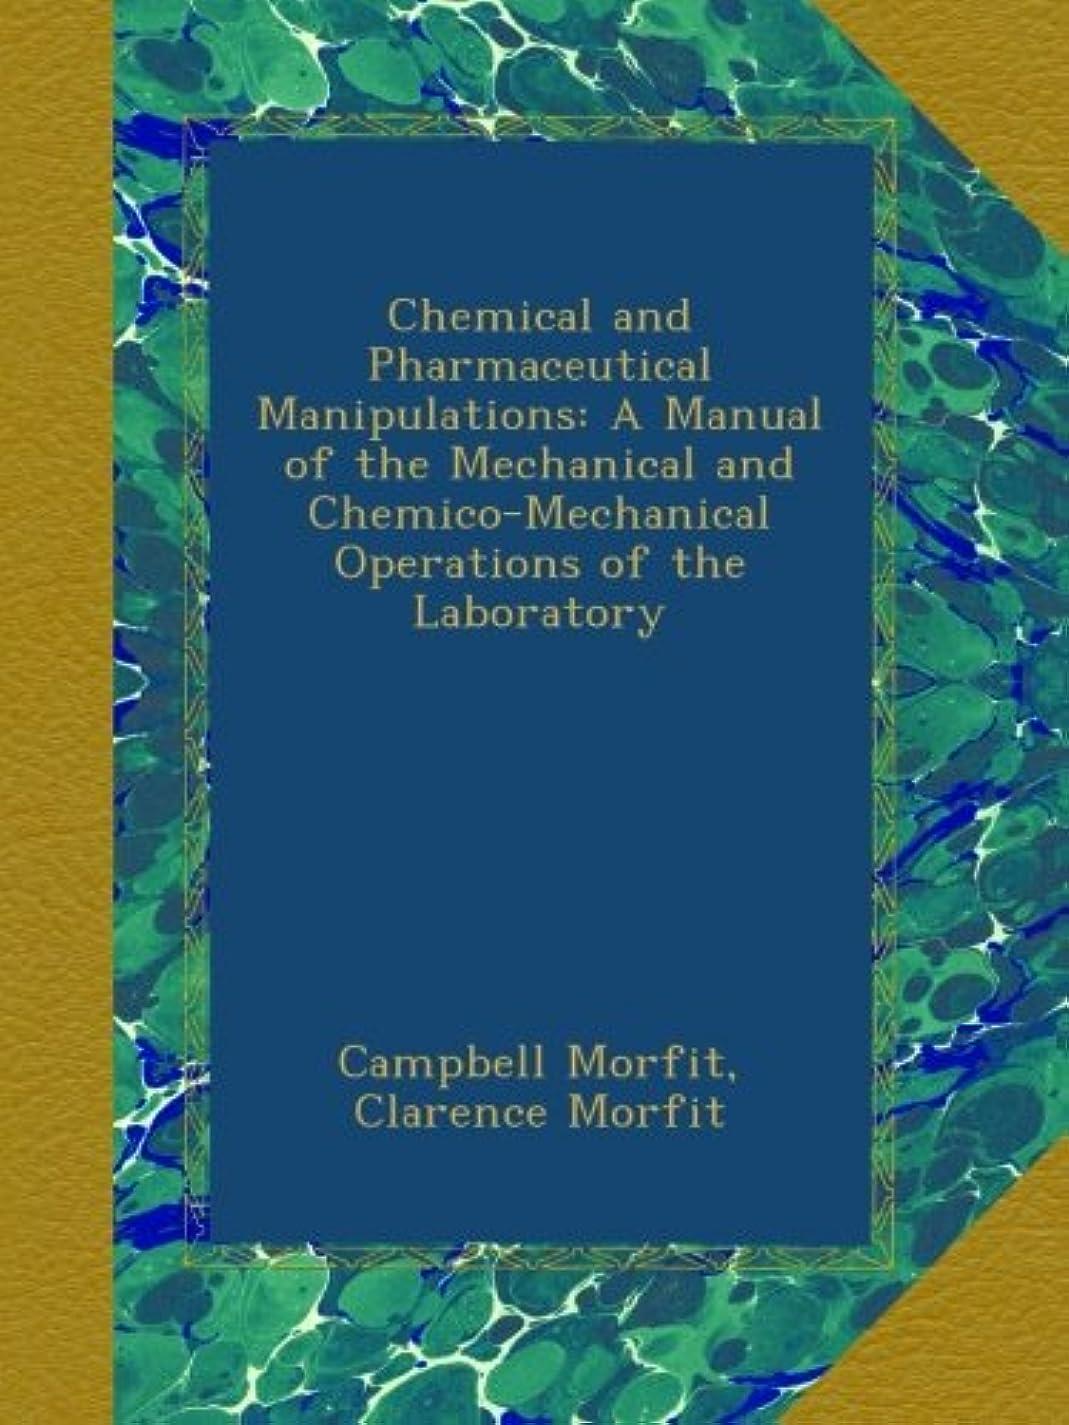 欺くコモランマセクションChemical and Pharmaceutical Manipulations: A Manual of the Mechanical and Chemico-Mechanical Operations of the Laboratory